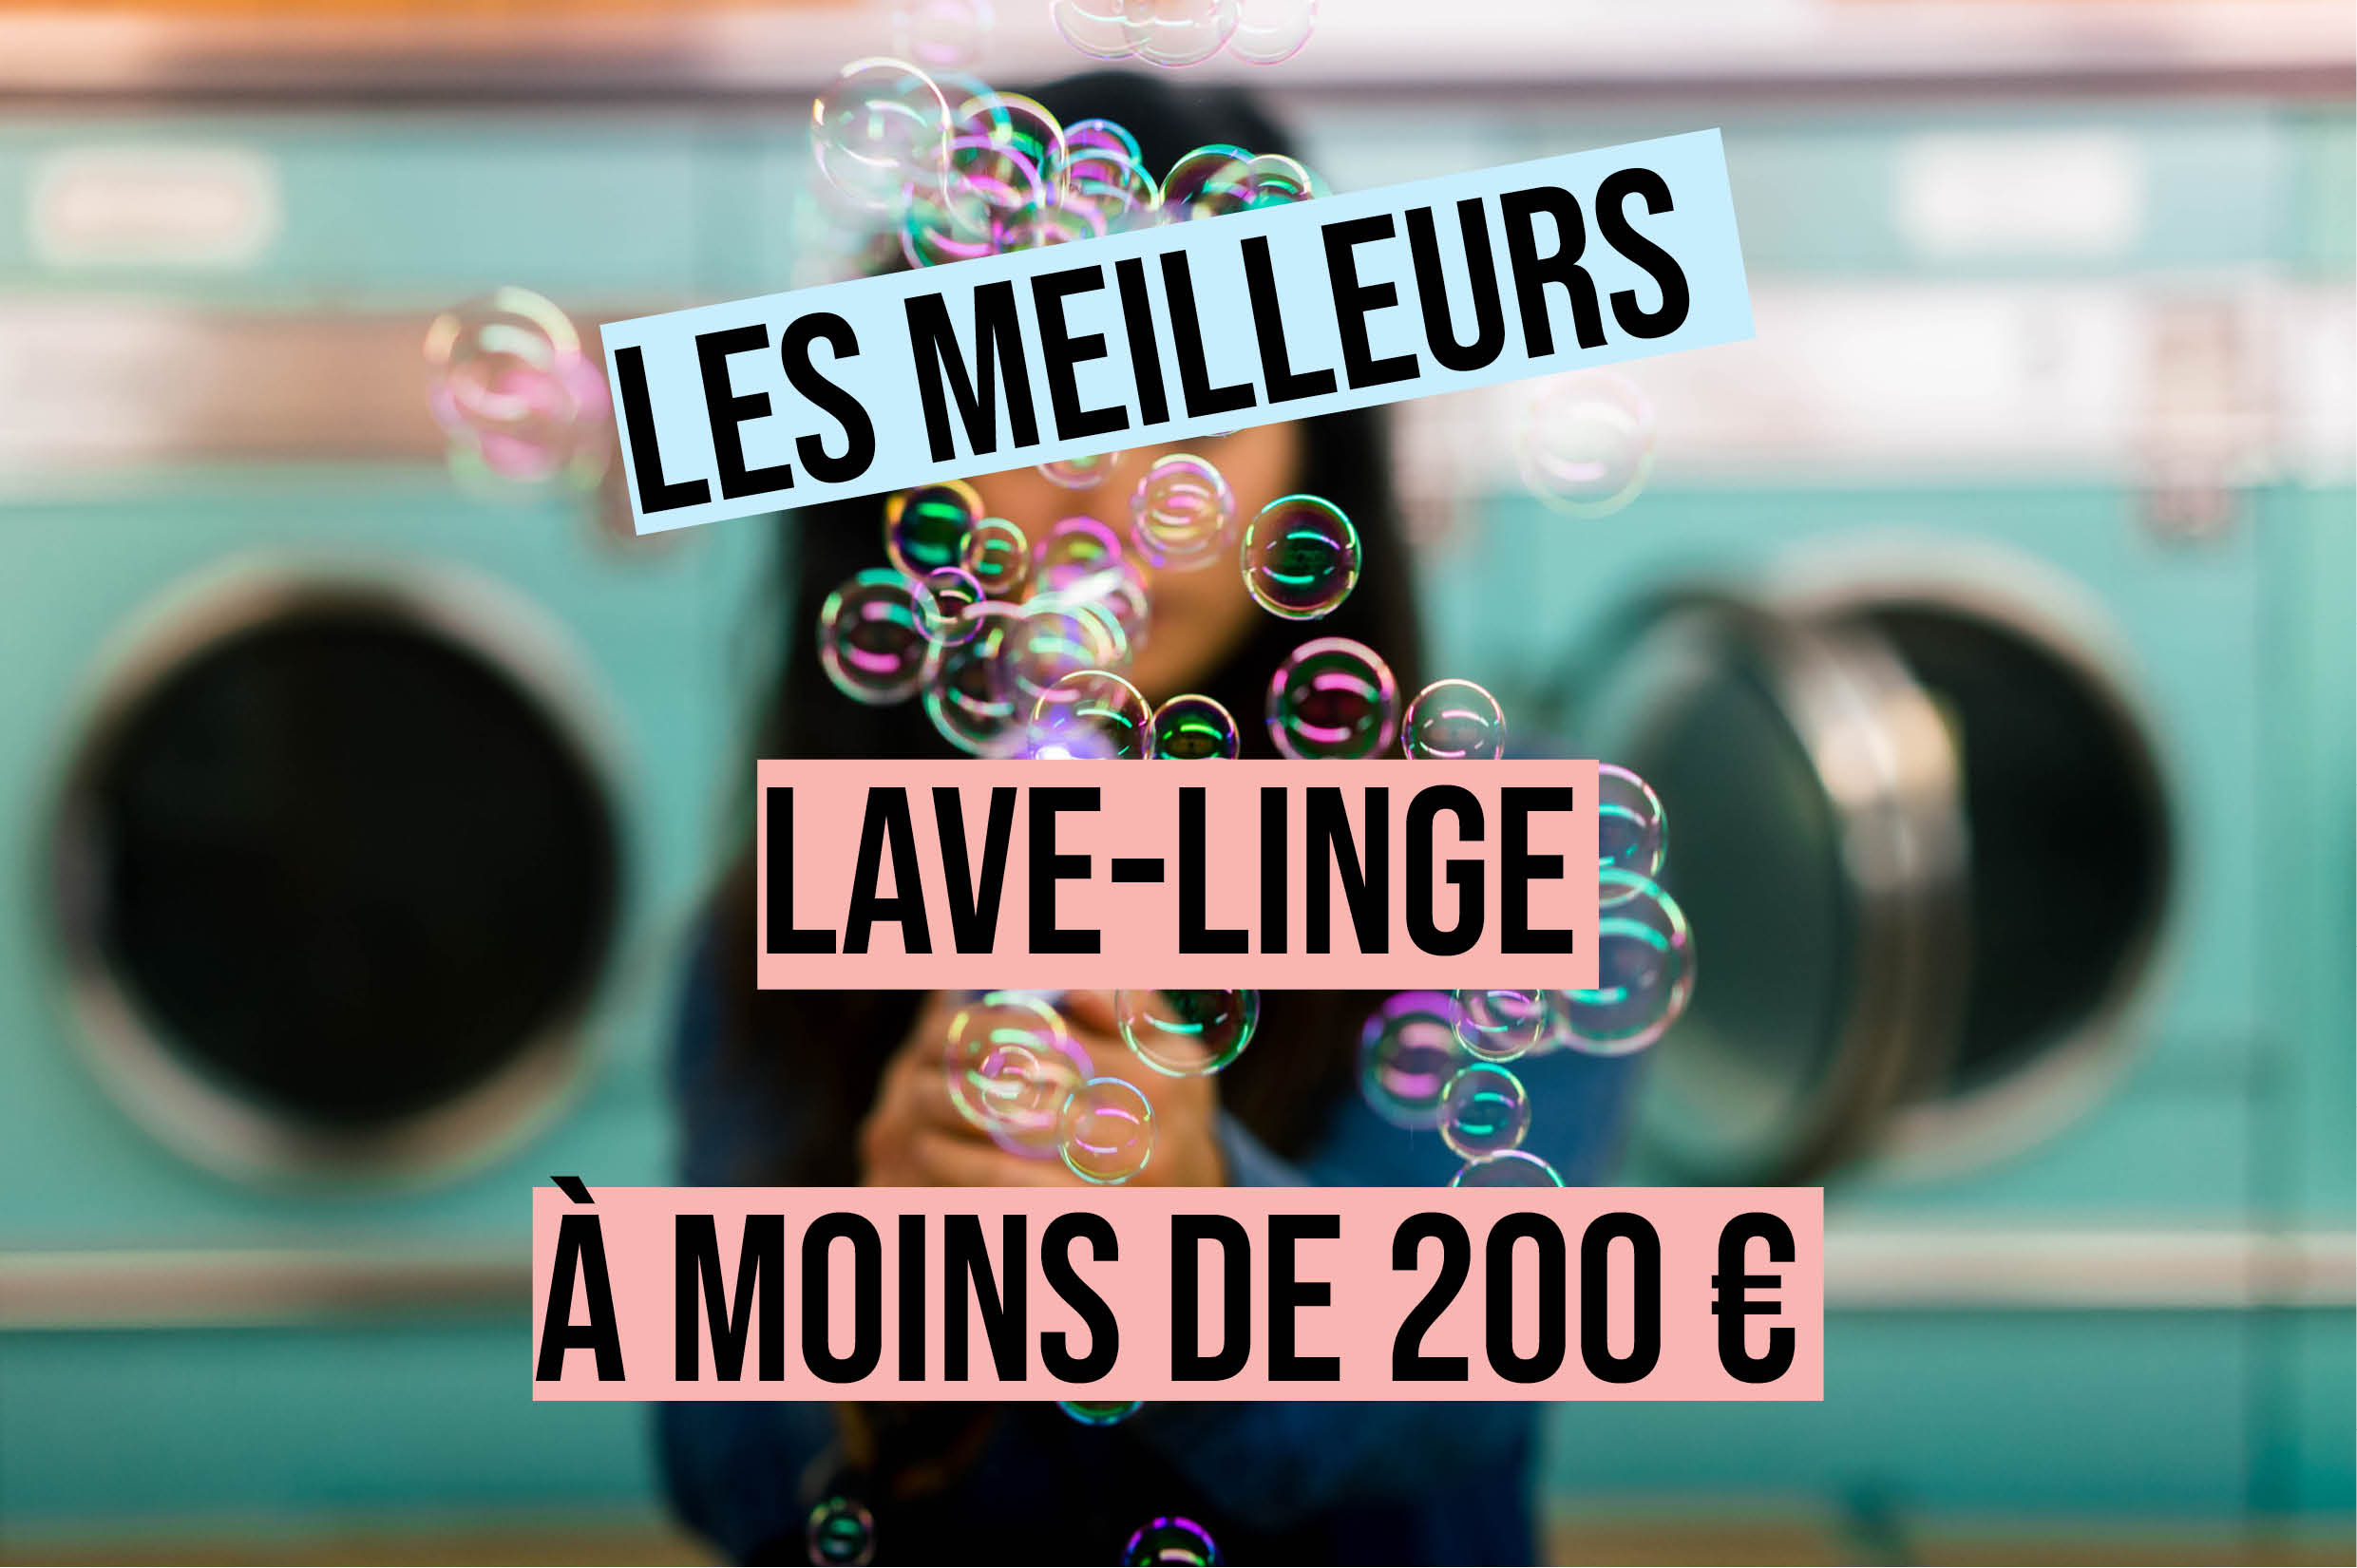 meilleur laves linge moins de 200 euros